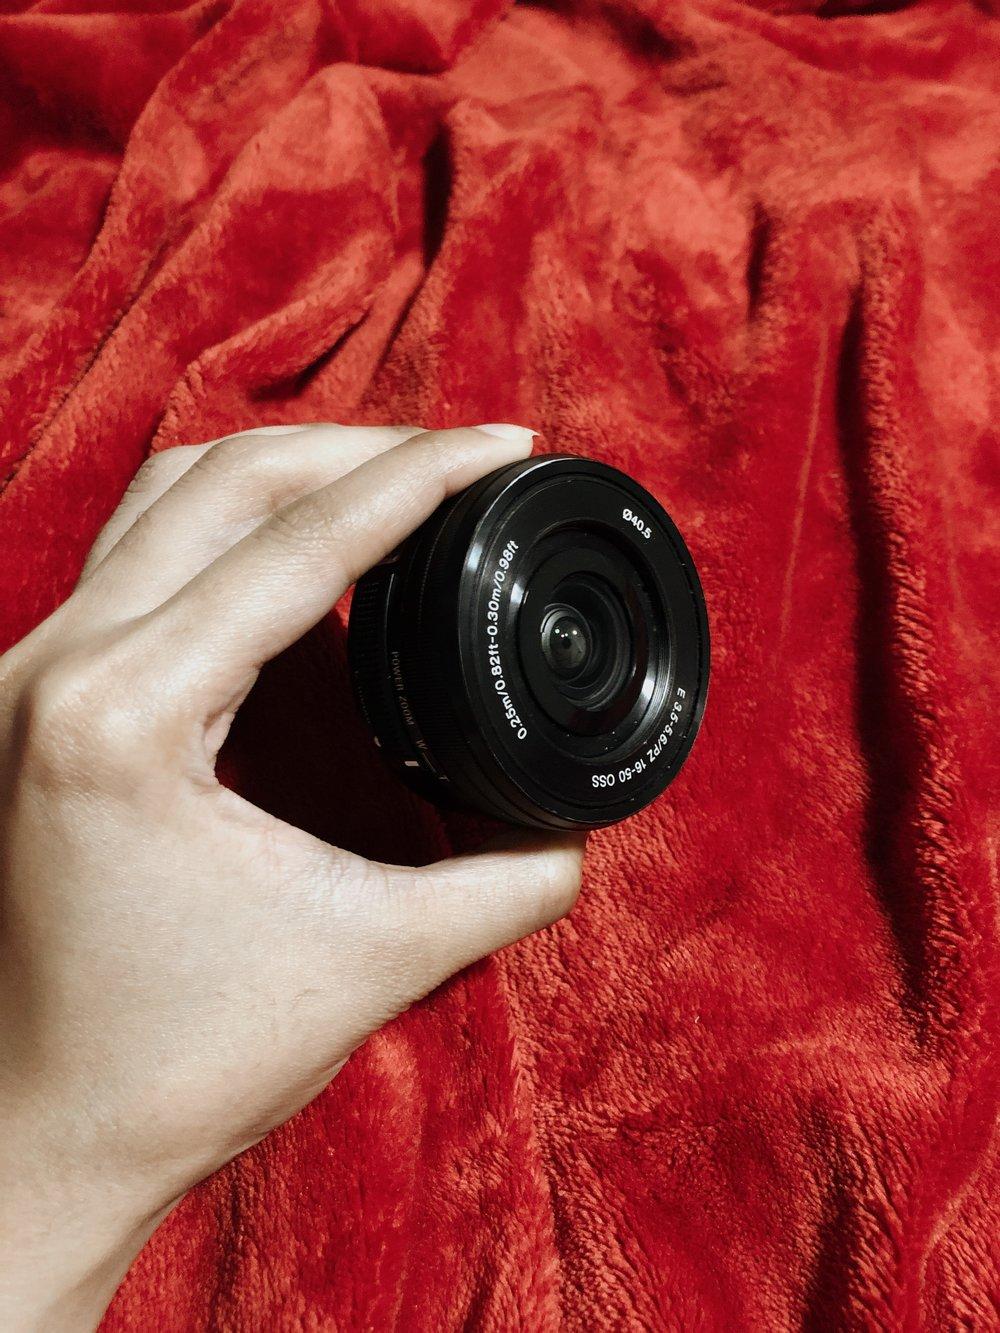 KIT LENS(16-50mm)